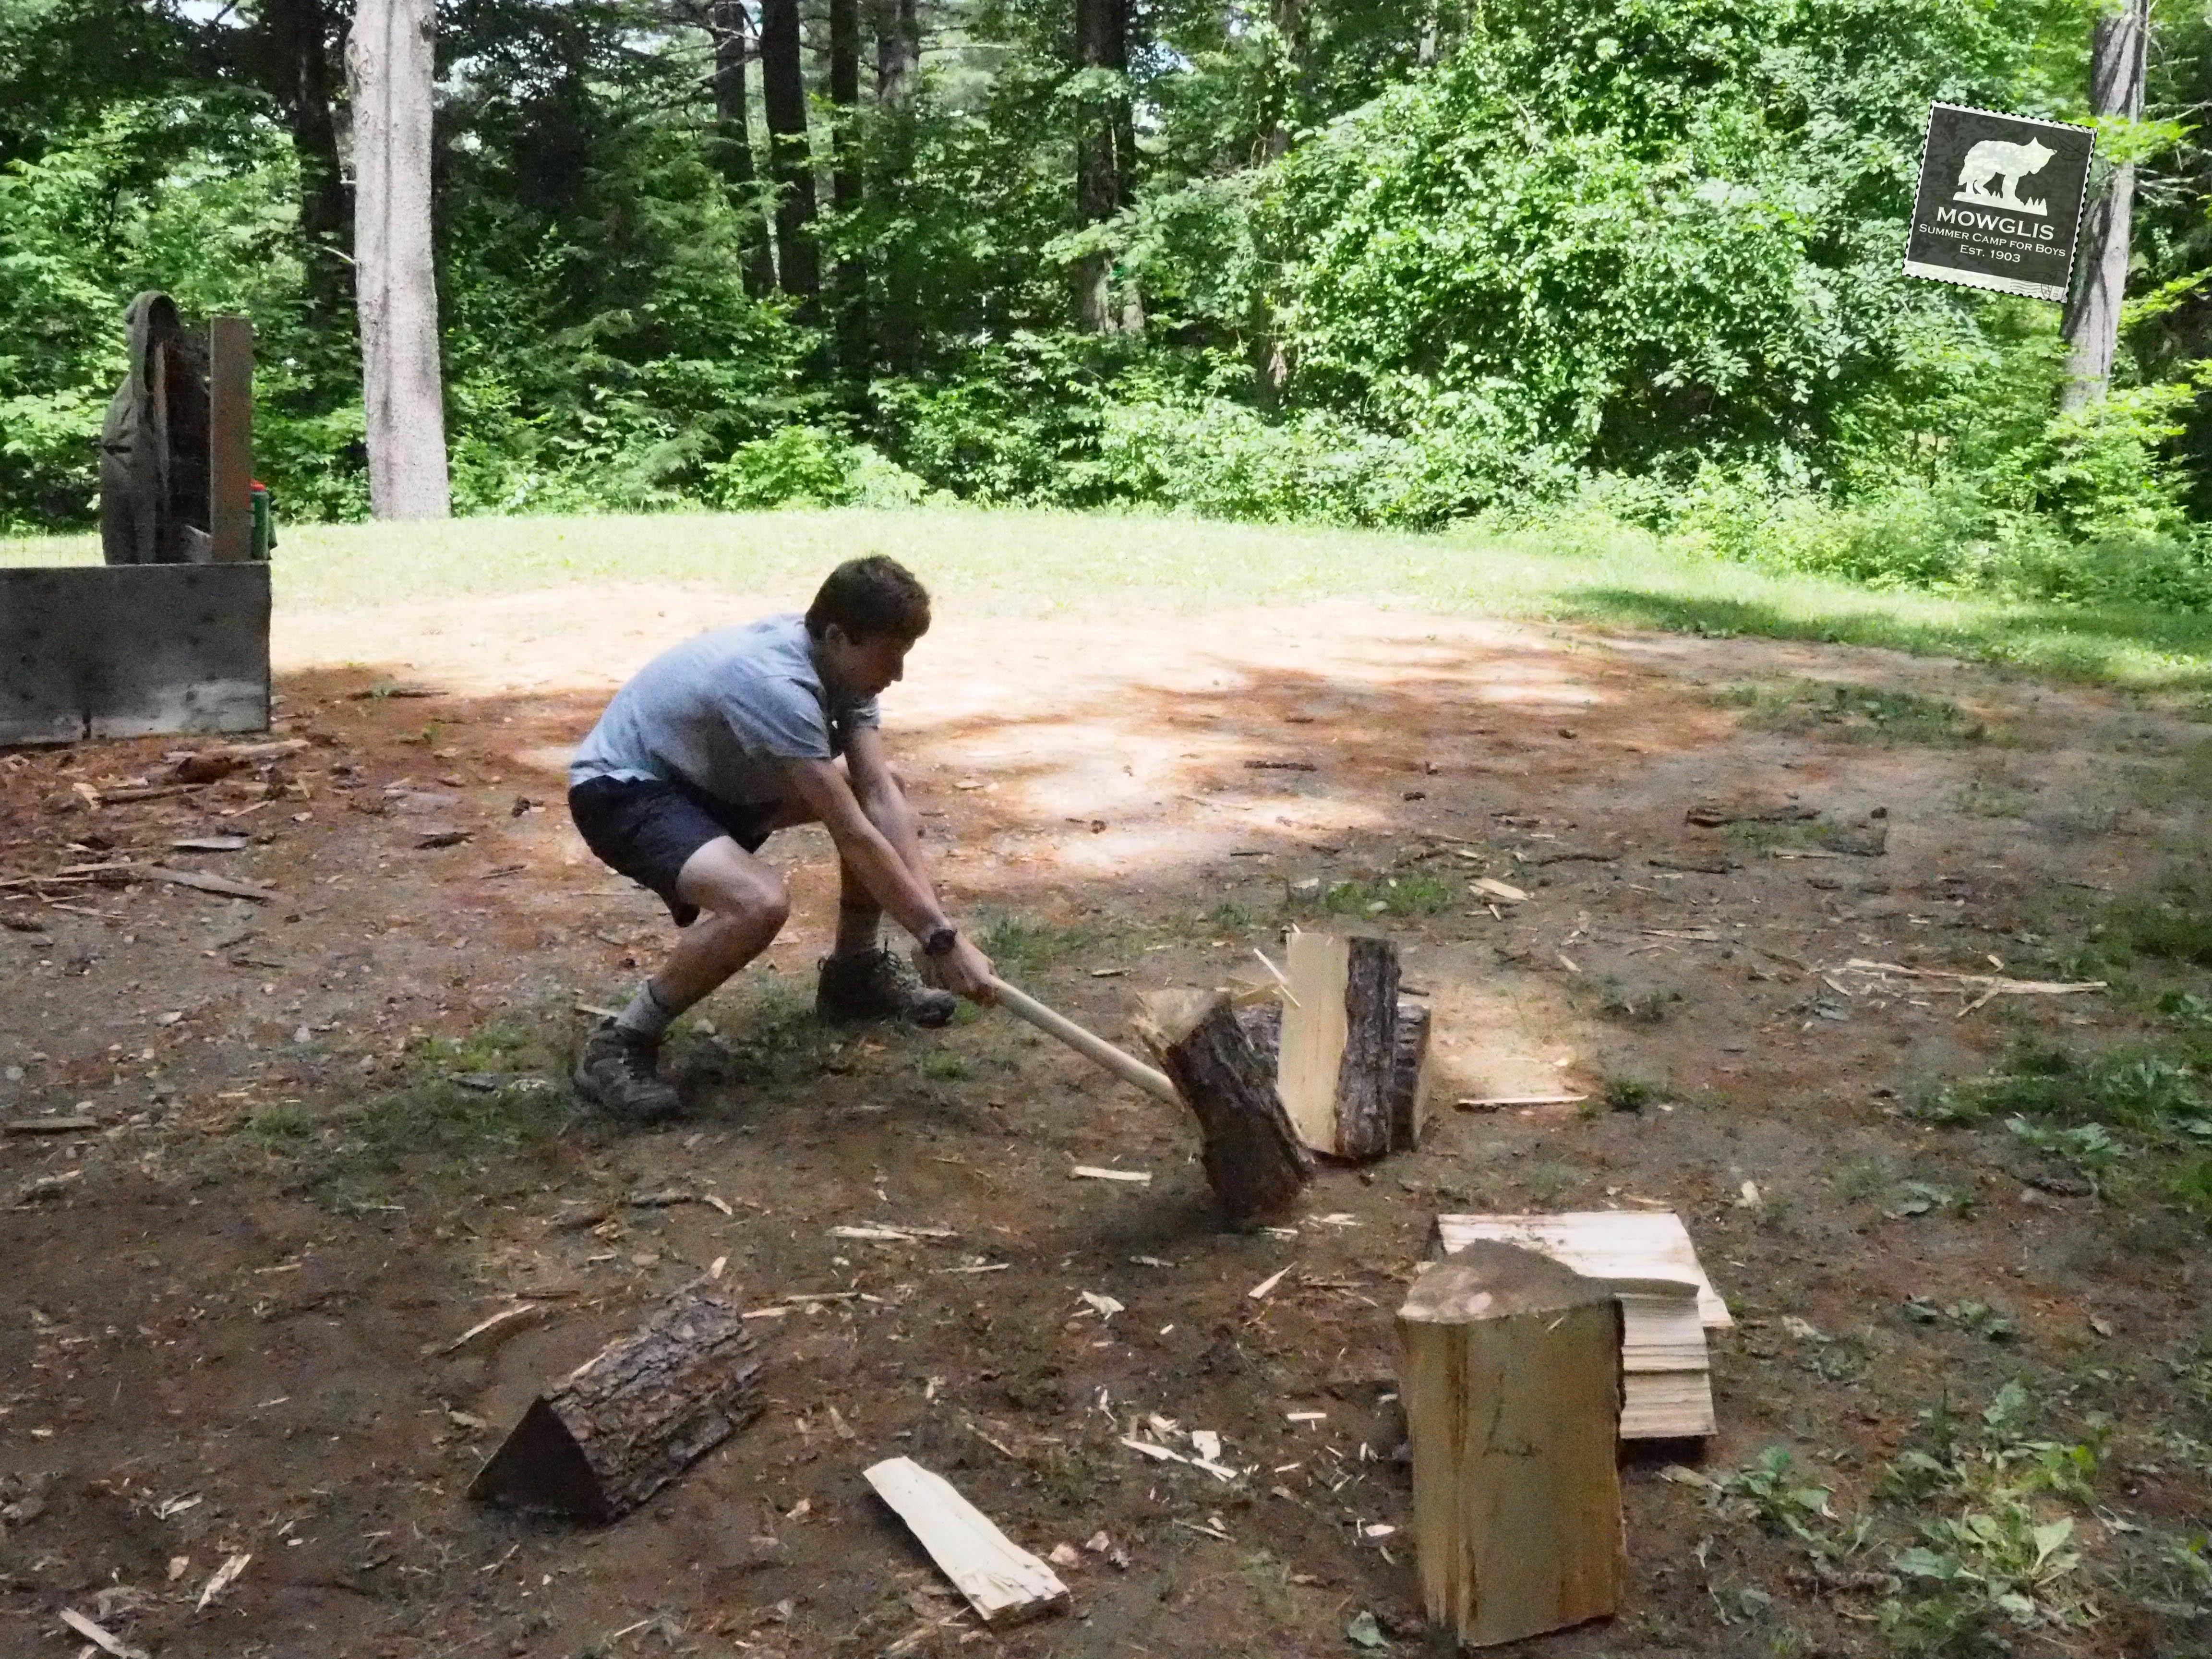 Camp Mowglis image 4